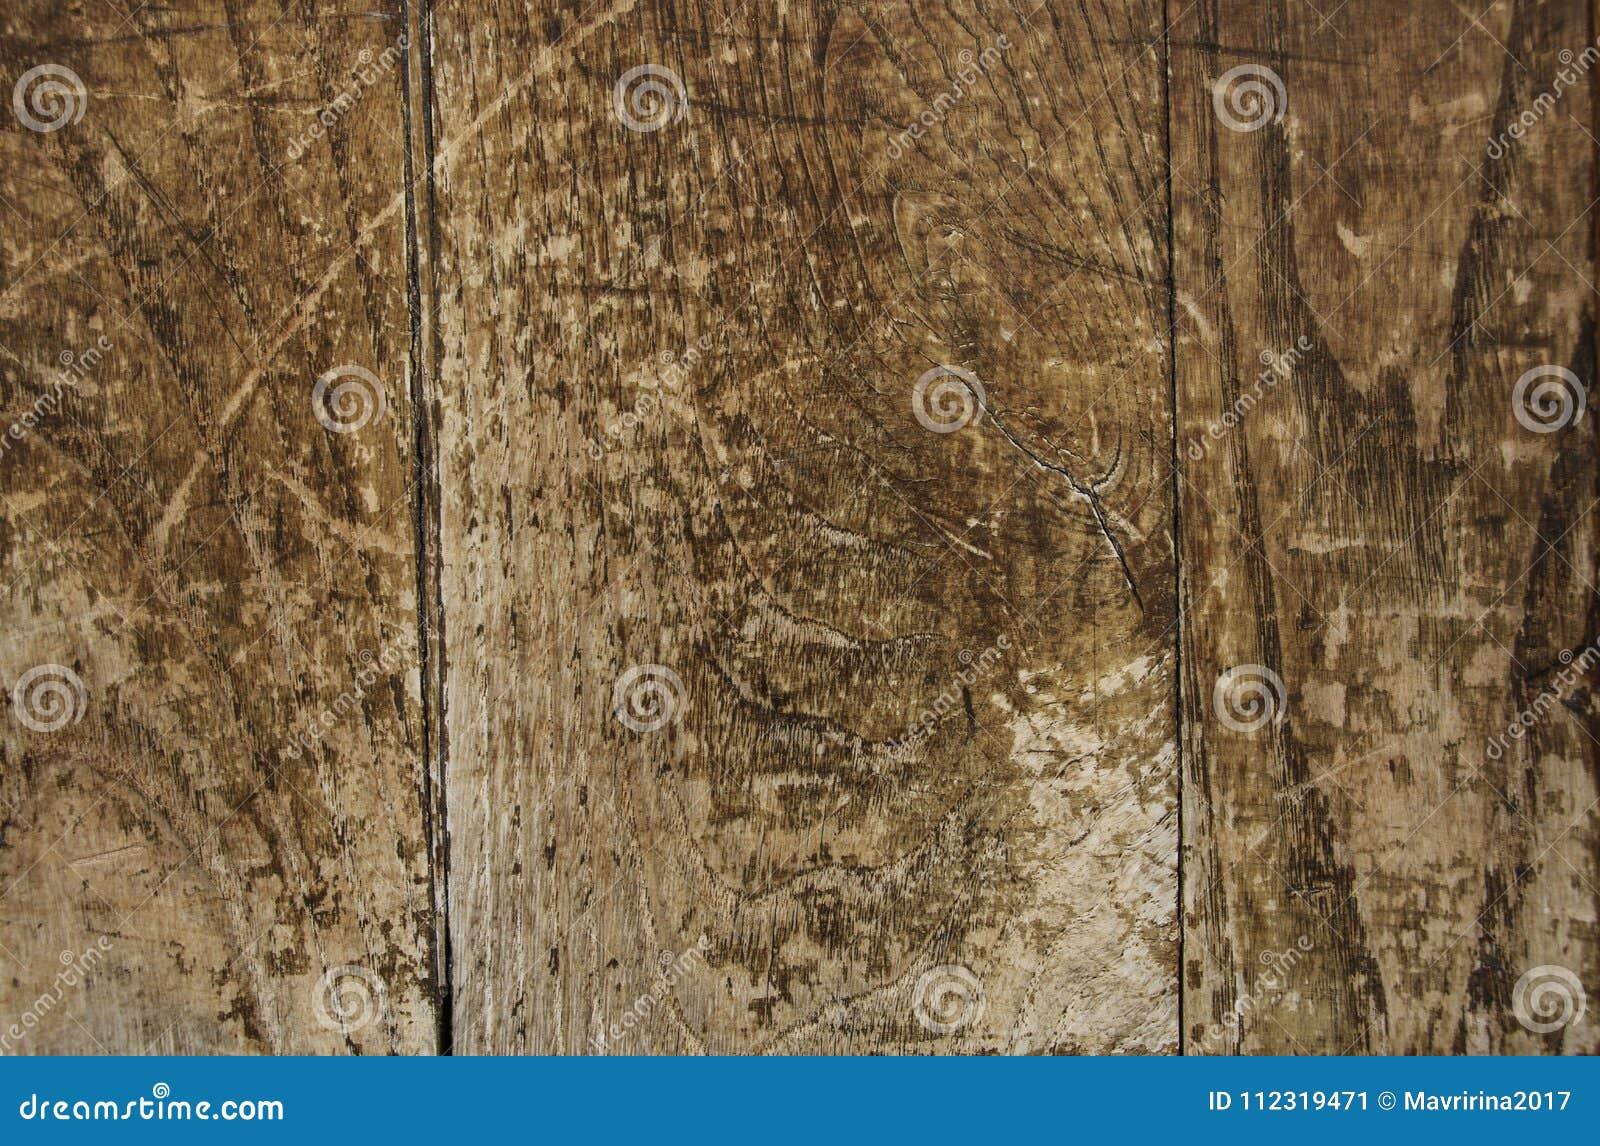 Legno Naturale Chiaro : Struttura di legno di colore marrone chiaro con un modello